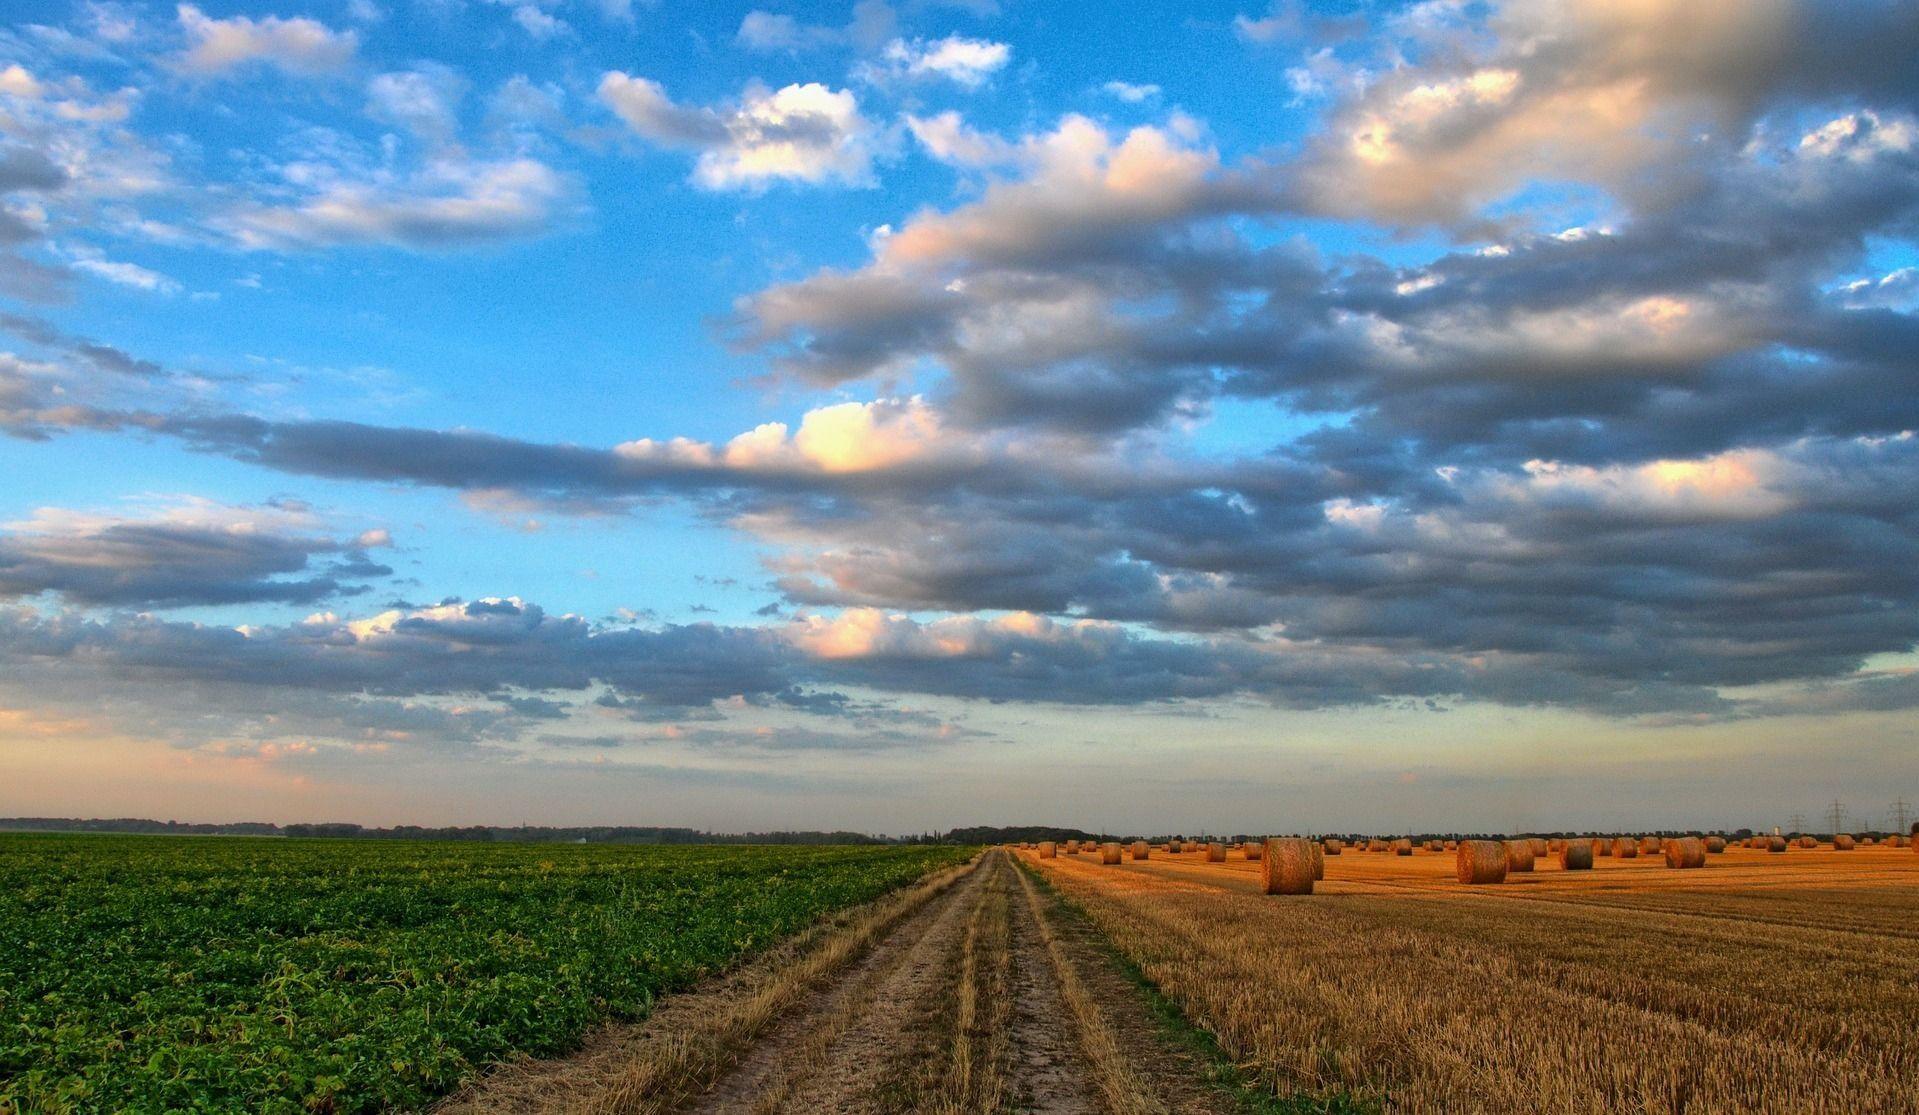 Les agriculteurs québécois attendent impatiemment la pluie